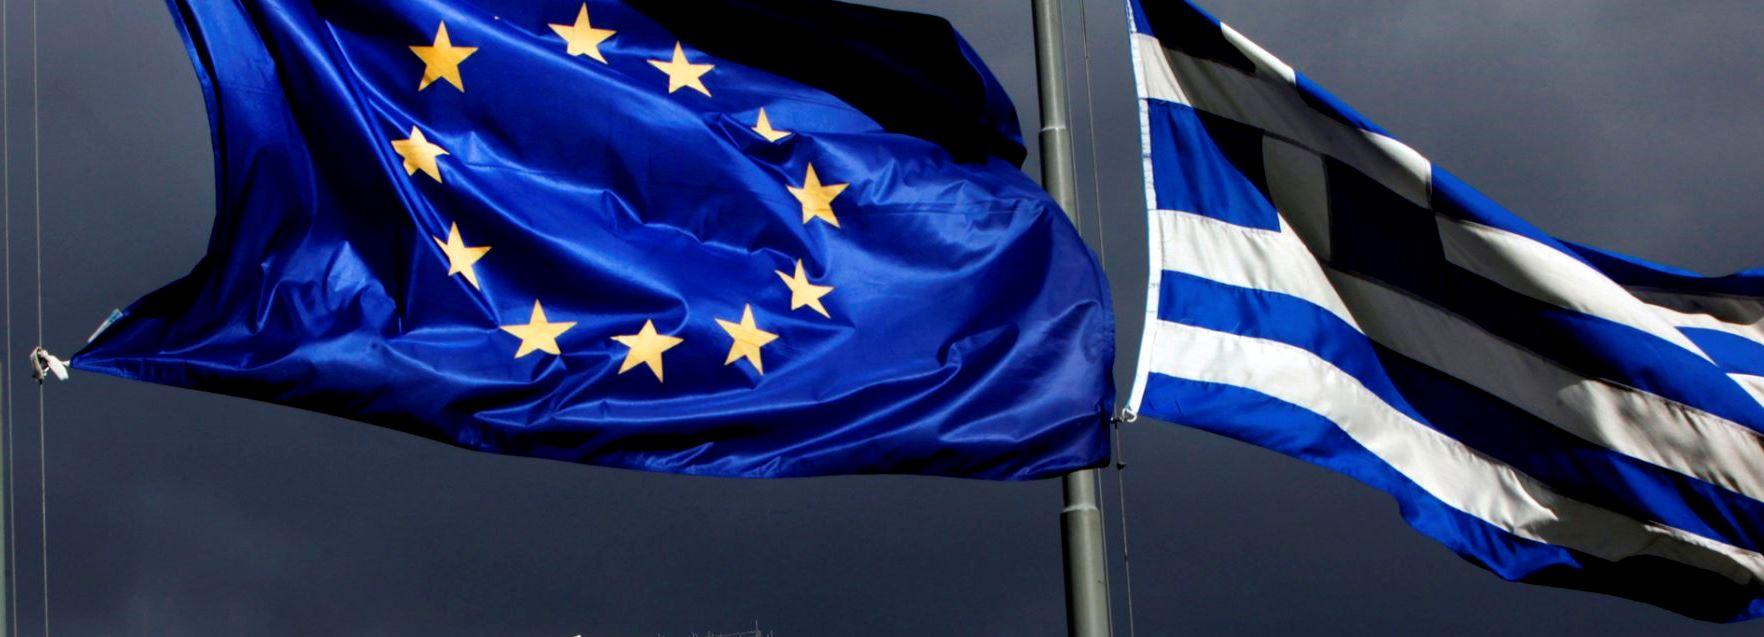 Định Cư Hy Lạp – Cập Nhật Số Liệu Thống Kê Chương Trình Định Cư Visa Vàng Hy Lạp